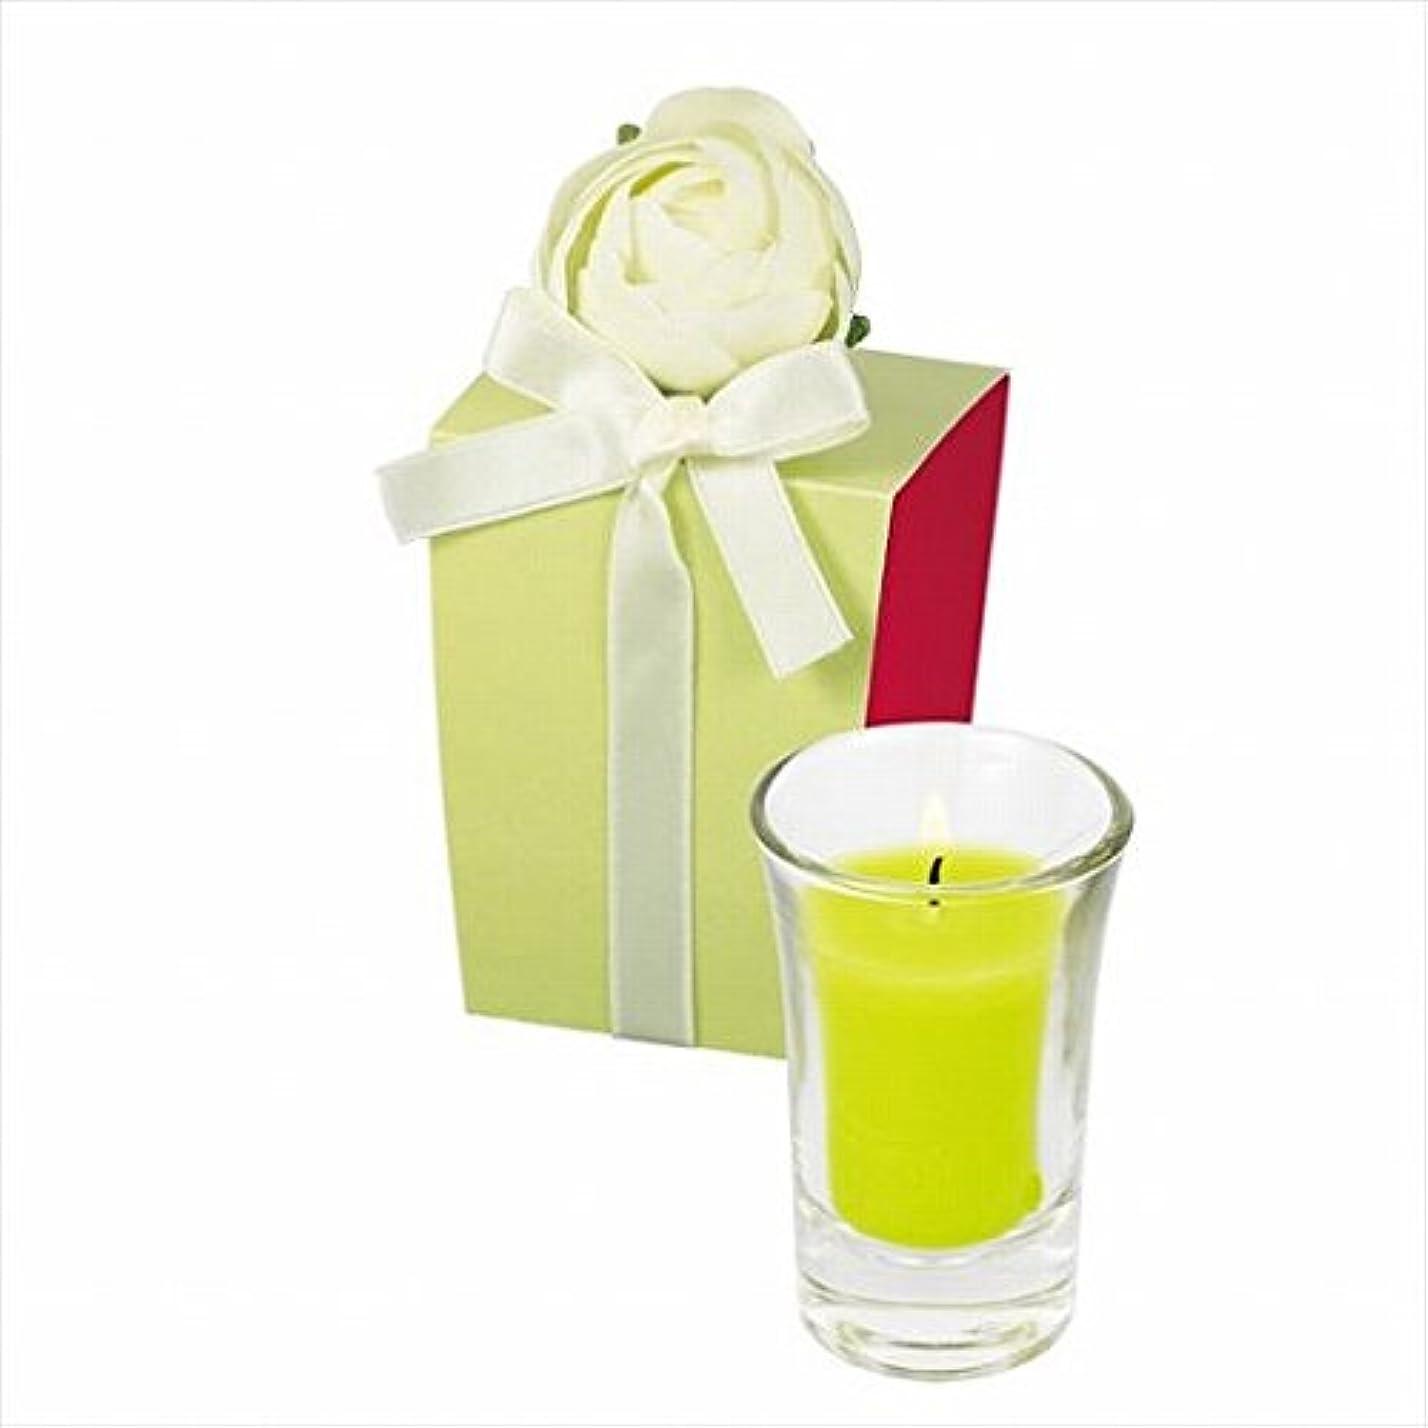 リングレットかける適格カメヤマキャンドル(kameyama candle) ラナンキュラスグラスキャンドル 「 ライトグリーン 」